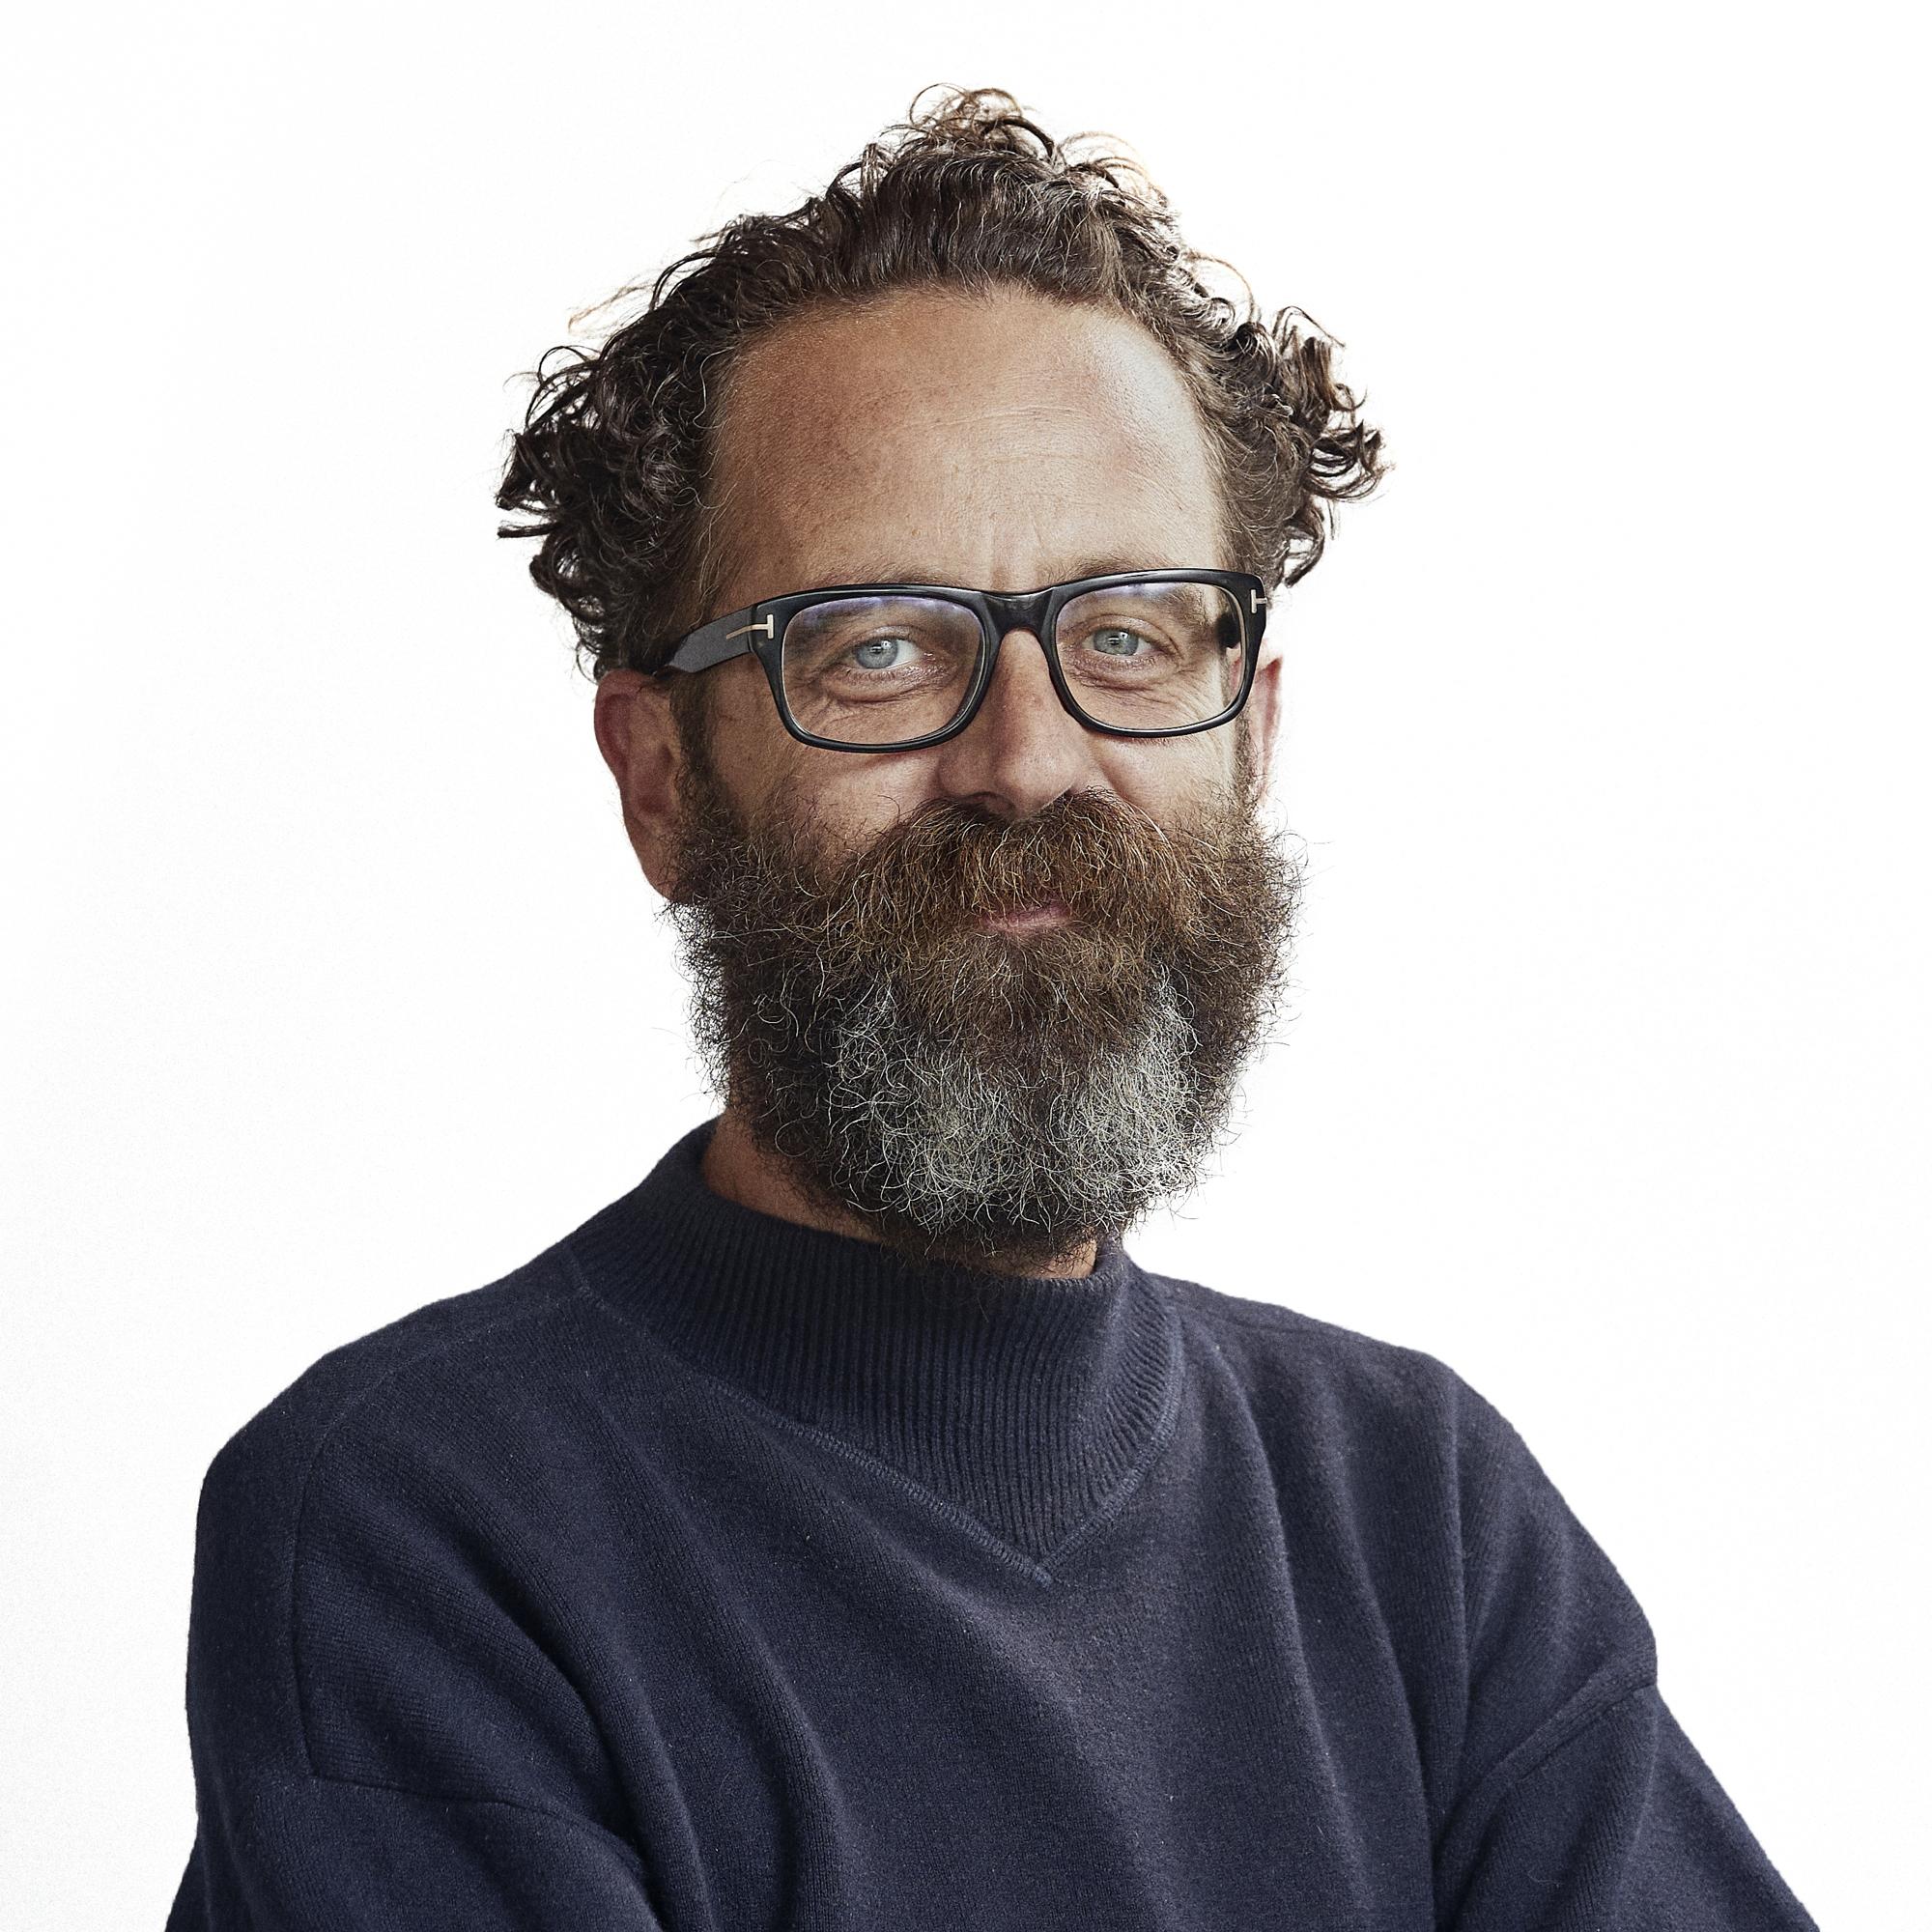 Filip Cammaert